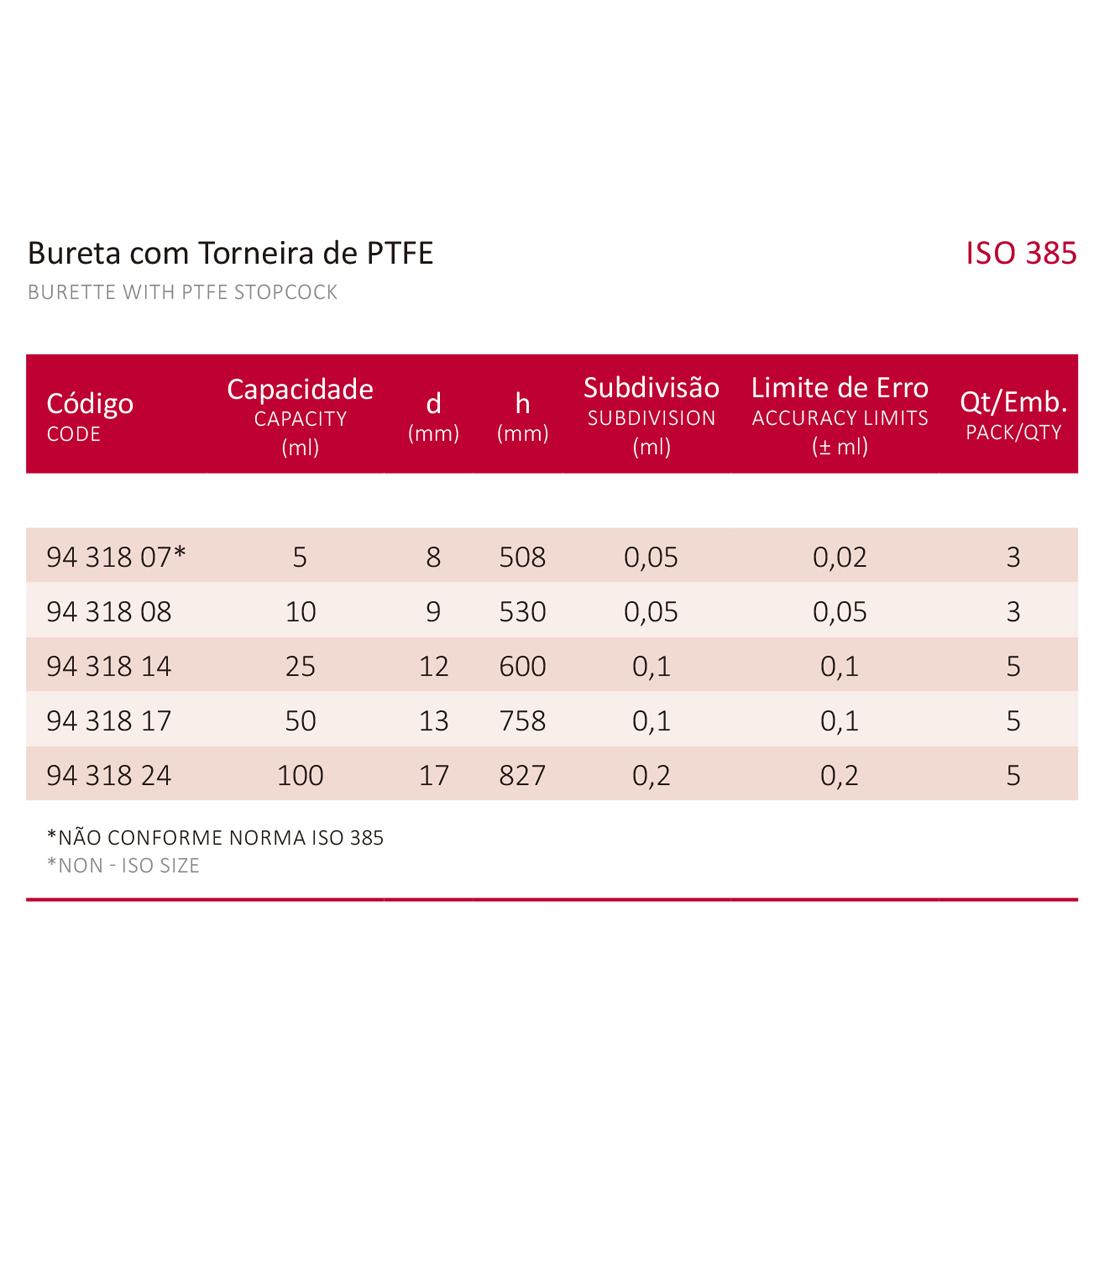 BURETA COM TORNEIRA DE PTFE 10 ML - Laborglas - Cód. 9431808